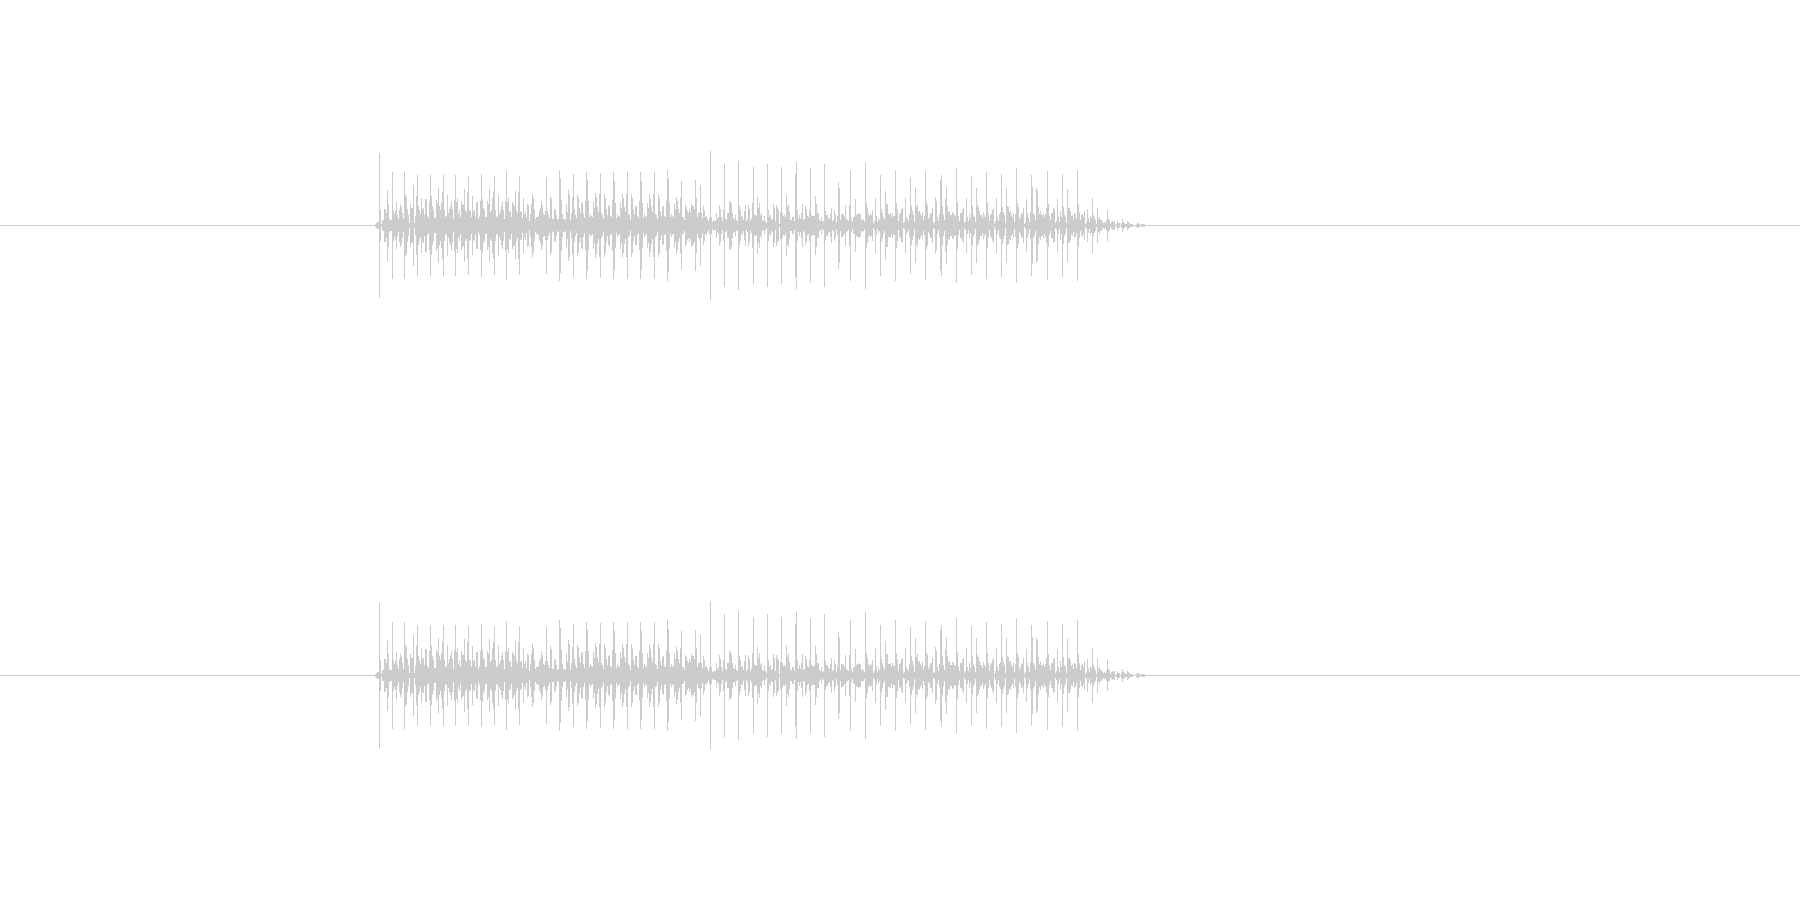 アイテム使用不可等の否定音の未再生の波形